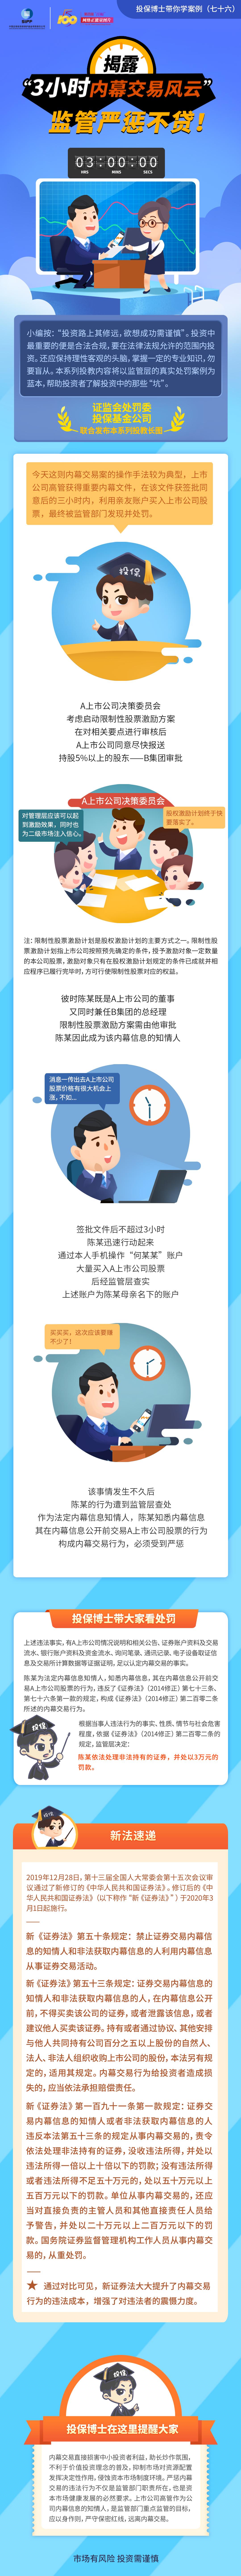 """[投保博士课堂]揭露""""3小时内幕交易风云"""",监管严惩不贷!"""